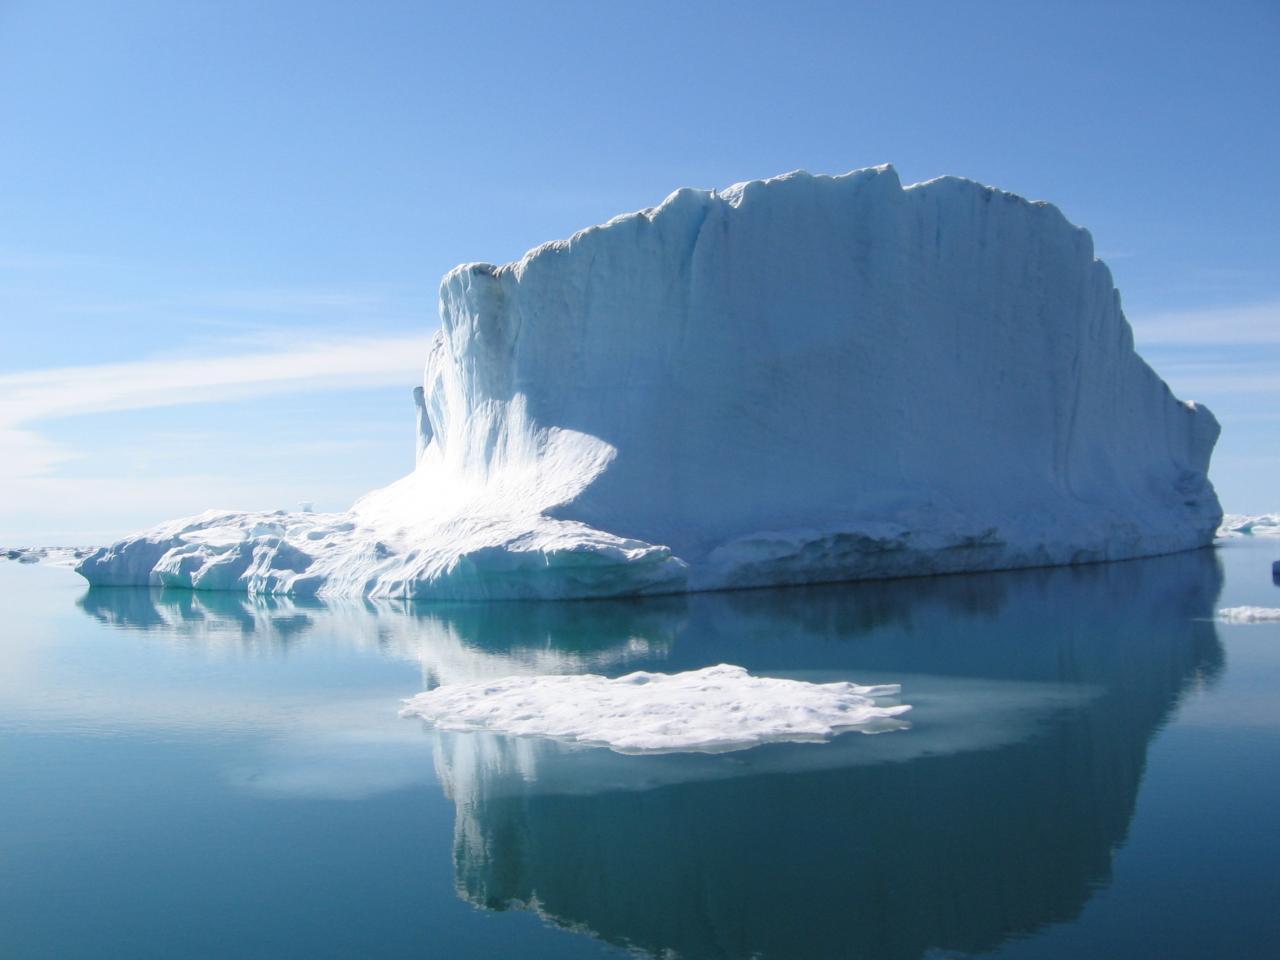 inuit knowledge and climate change isumatv